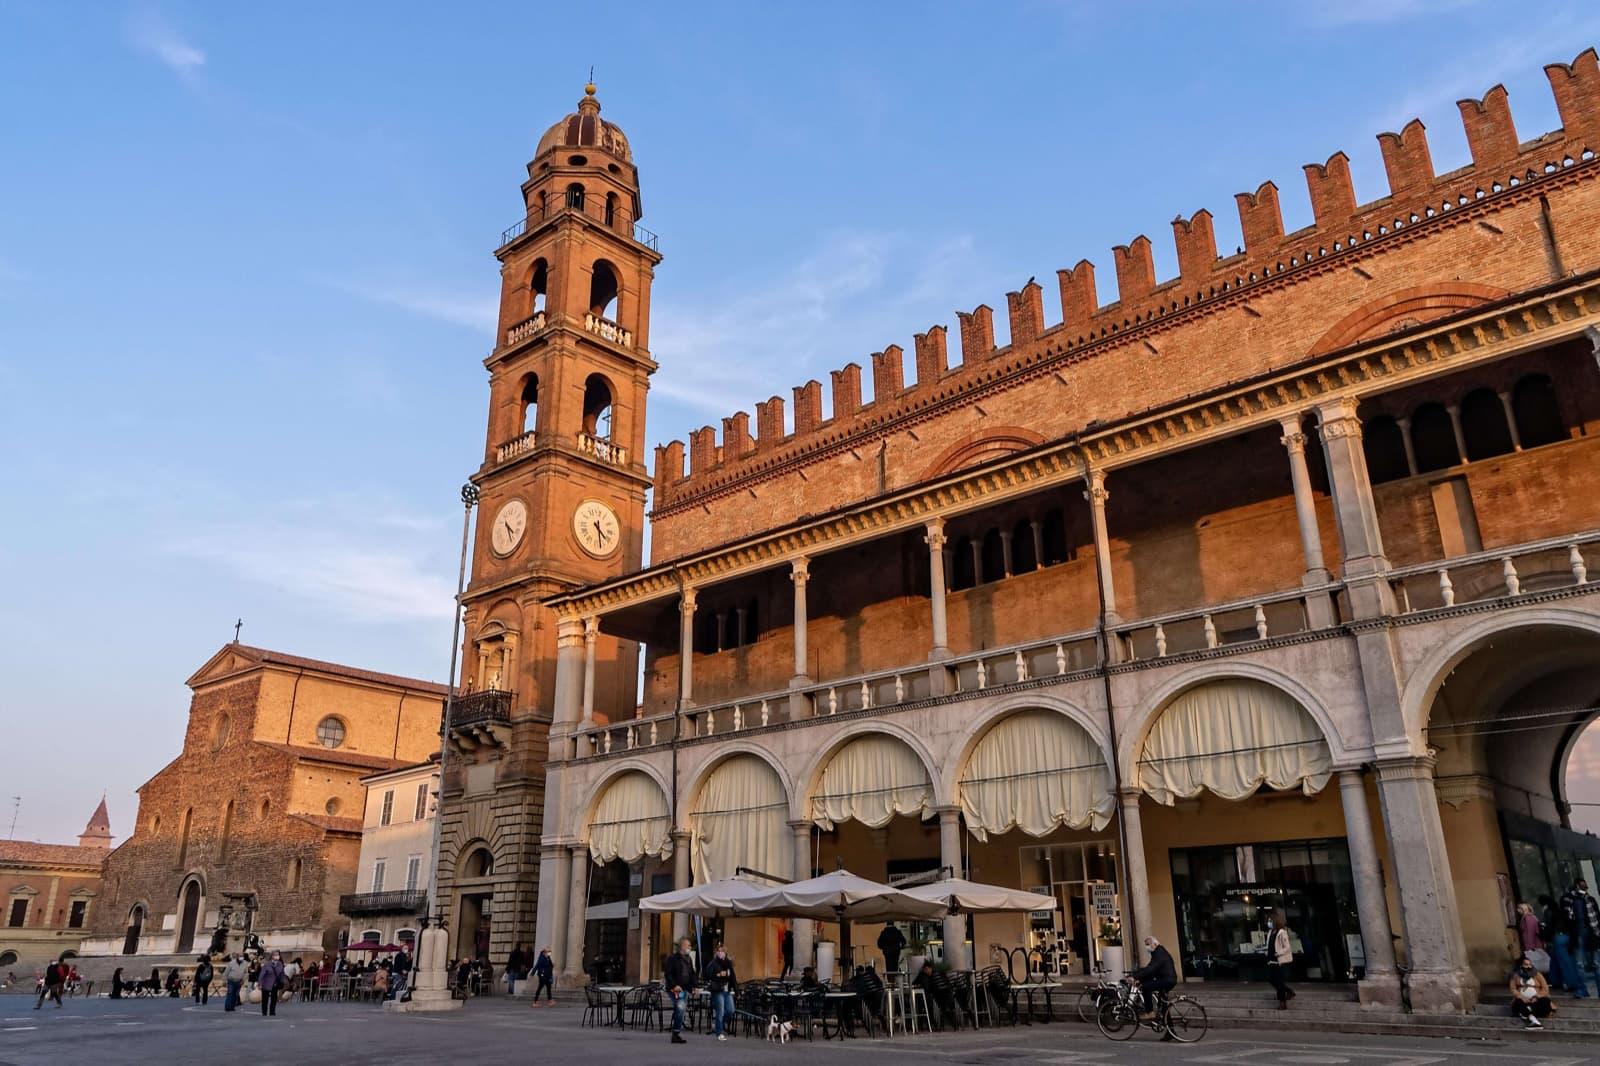 Faenza - Roads of Dante